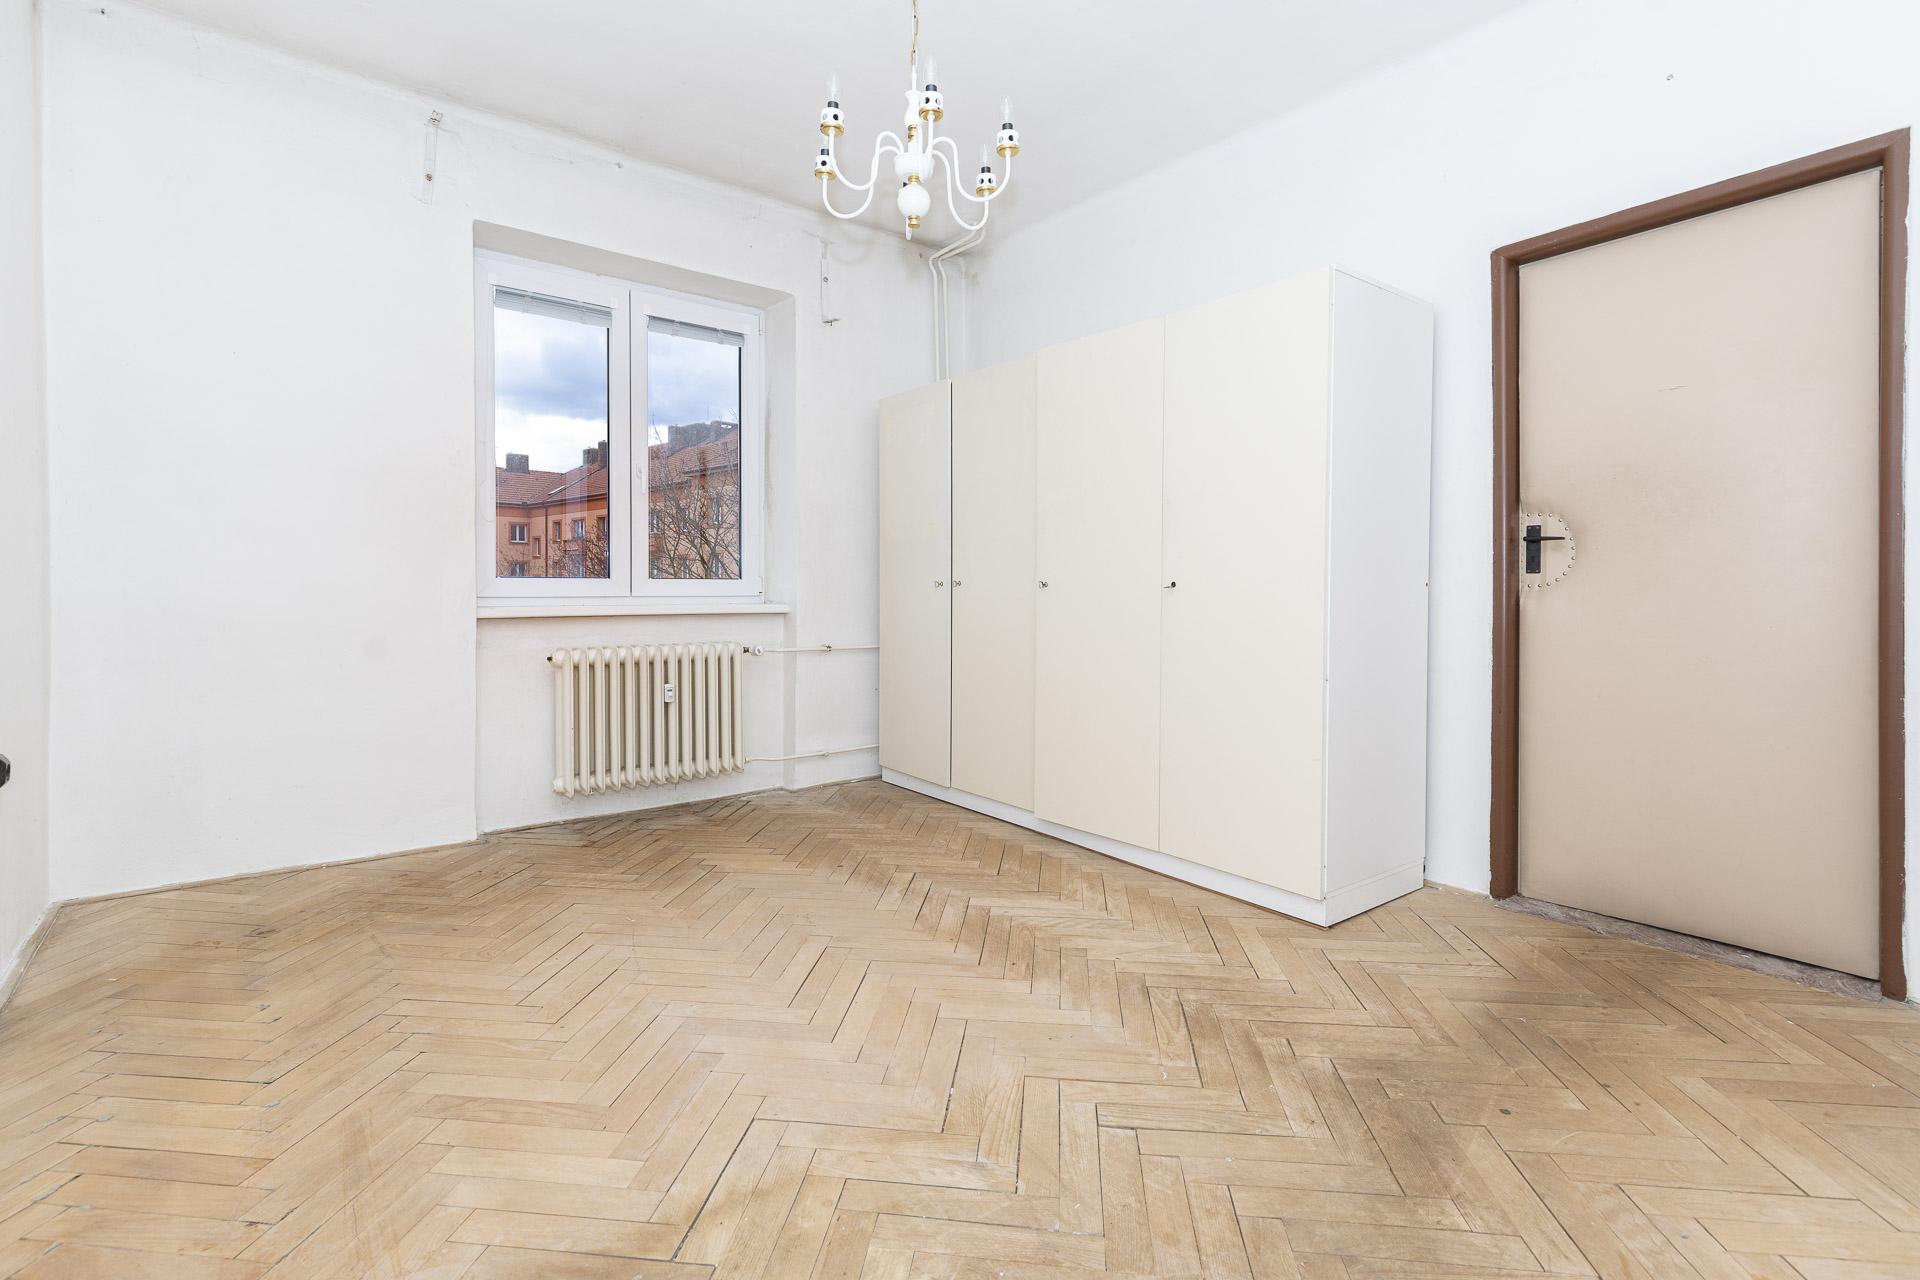 ložnoce s dřevěnou podlahou a dveřmi